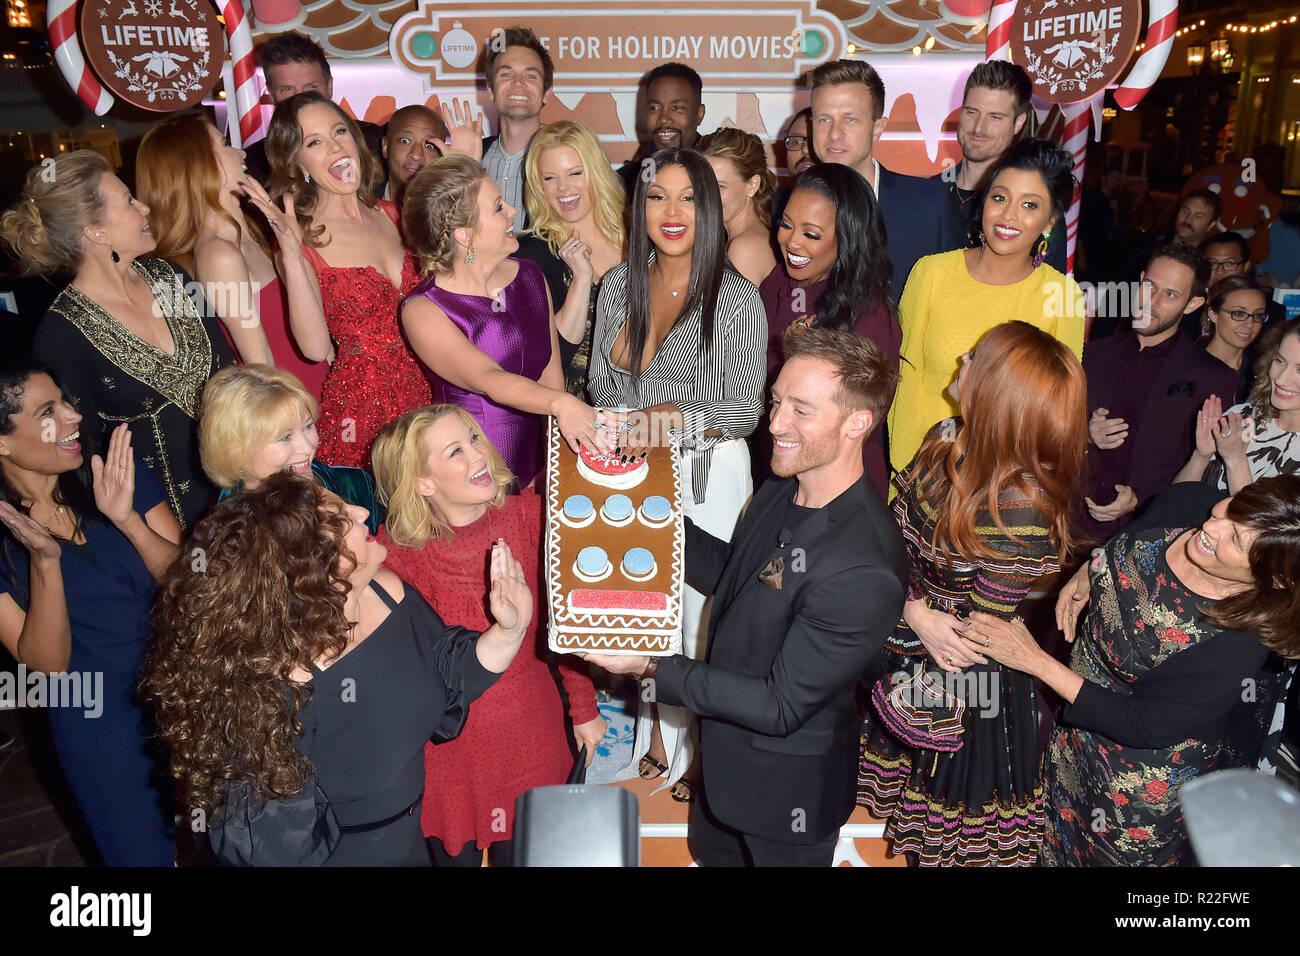 Los Angeles, USA. 14Th Nov, 2018. Les actrices de la vie les films de Noël à la cérémonie d'ouverture de la taille de la vie d'épices maison du Grove. Los Angeles, 14.11.2018   Conditions de crédit dans le monde entier: dpa/Alamy Live News Banque D'Images